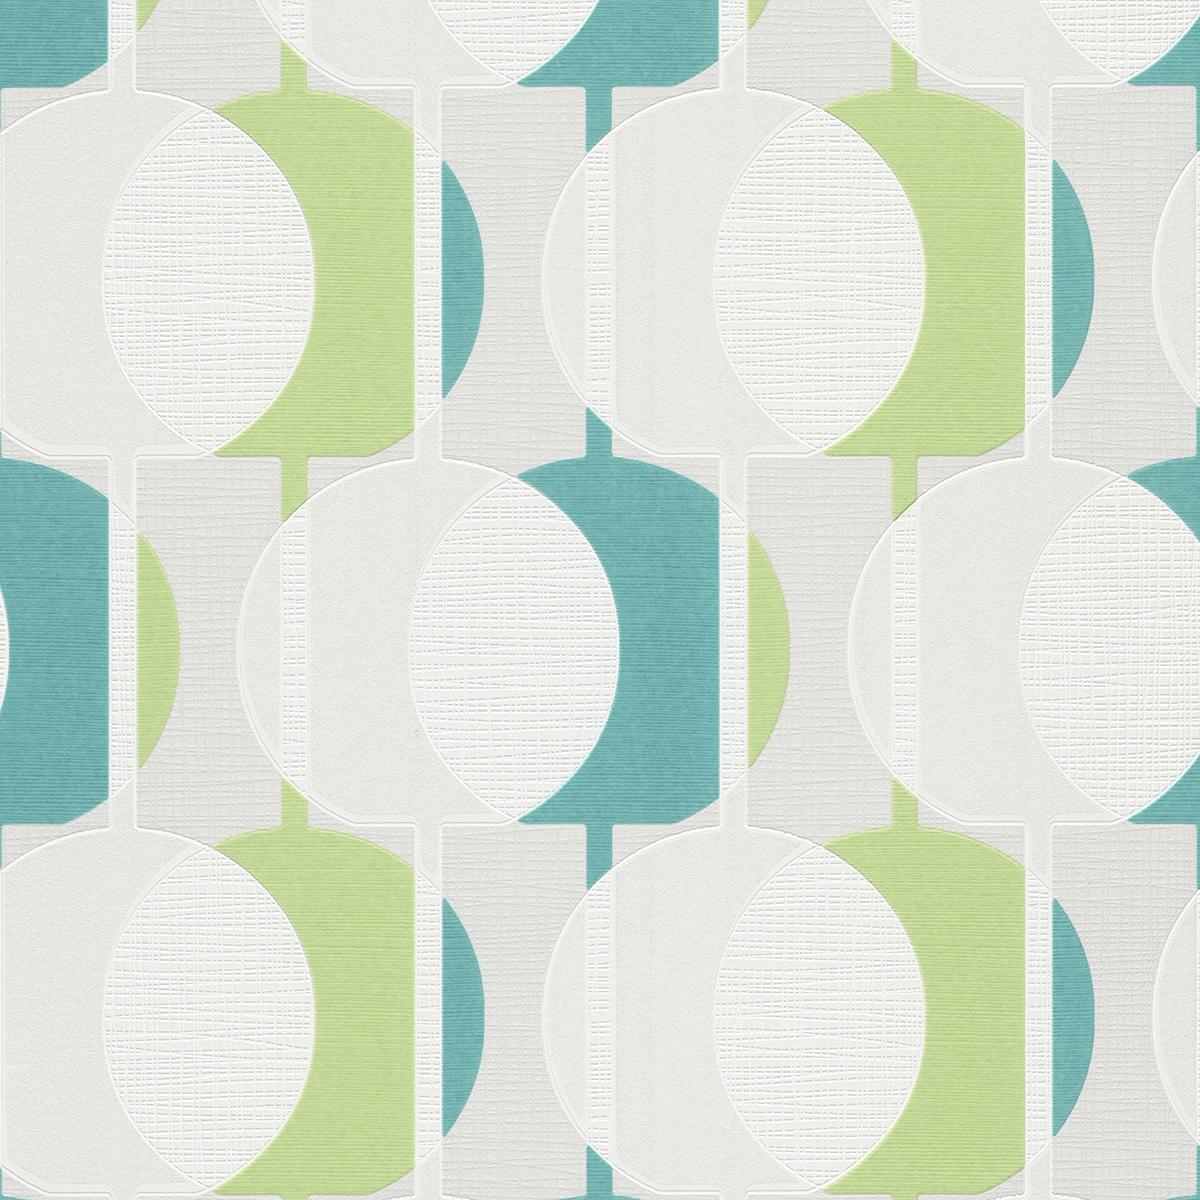 тапет Бестселър 3 зелени кръгове бяло